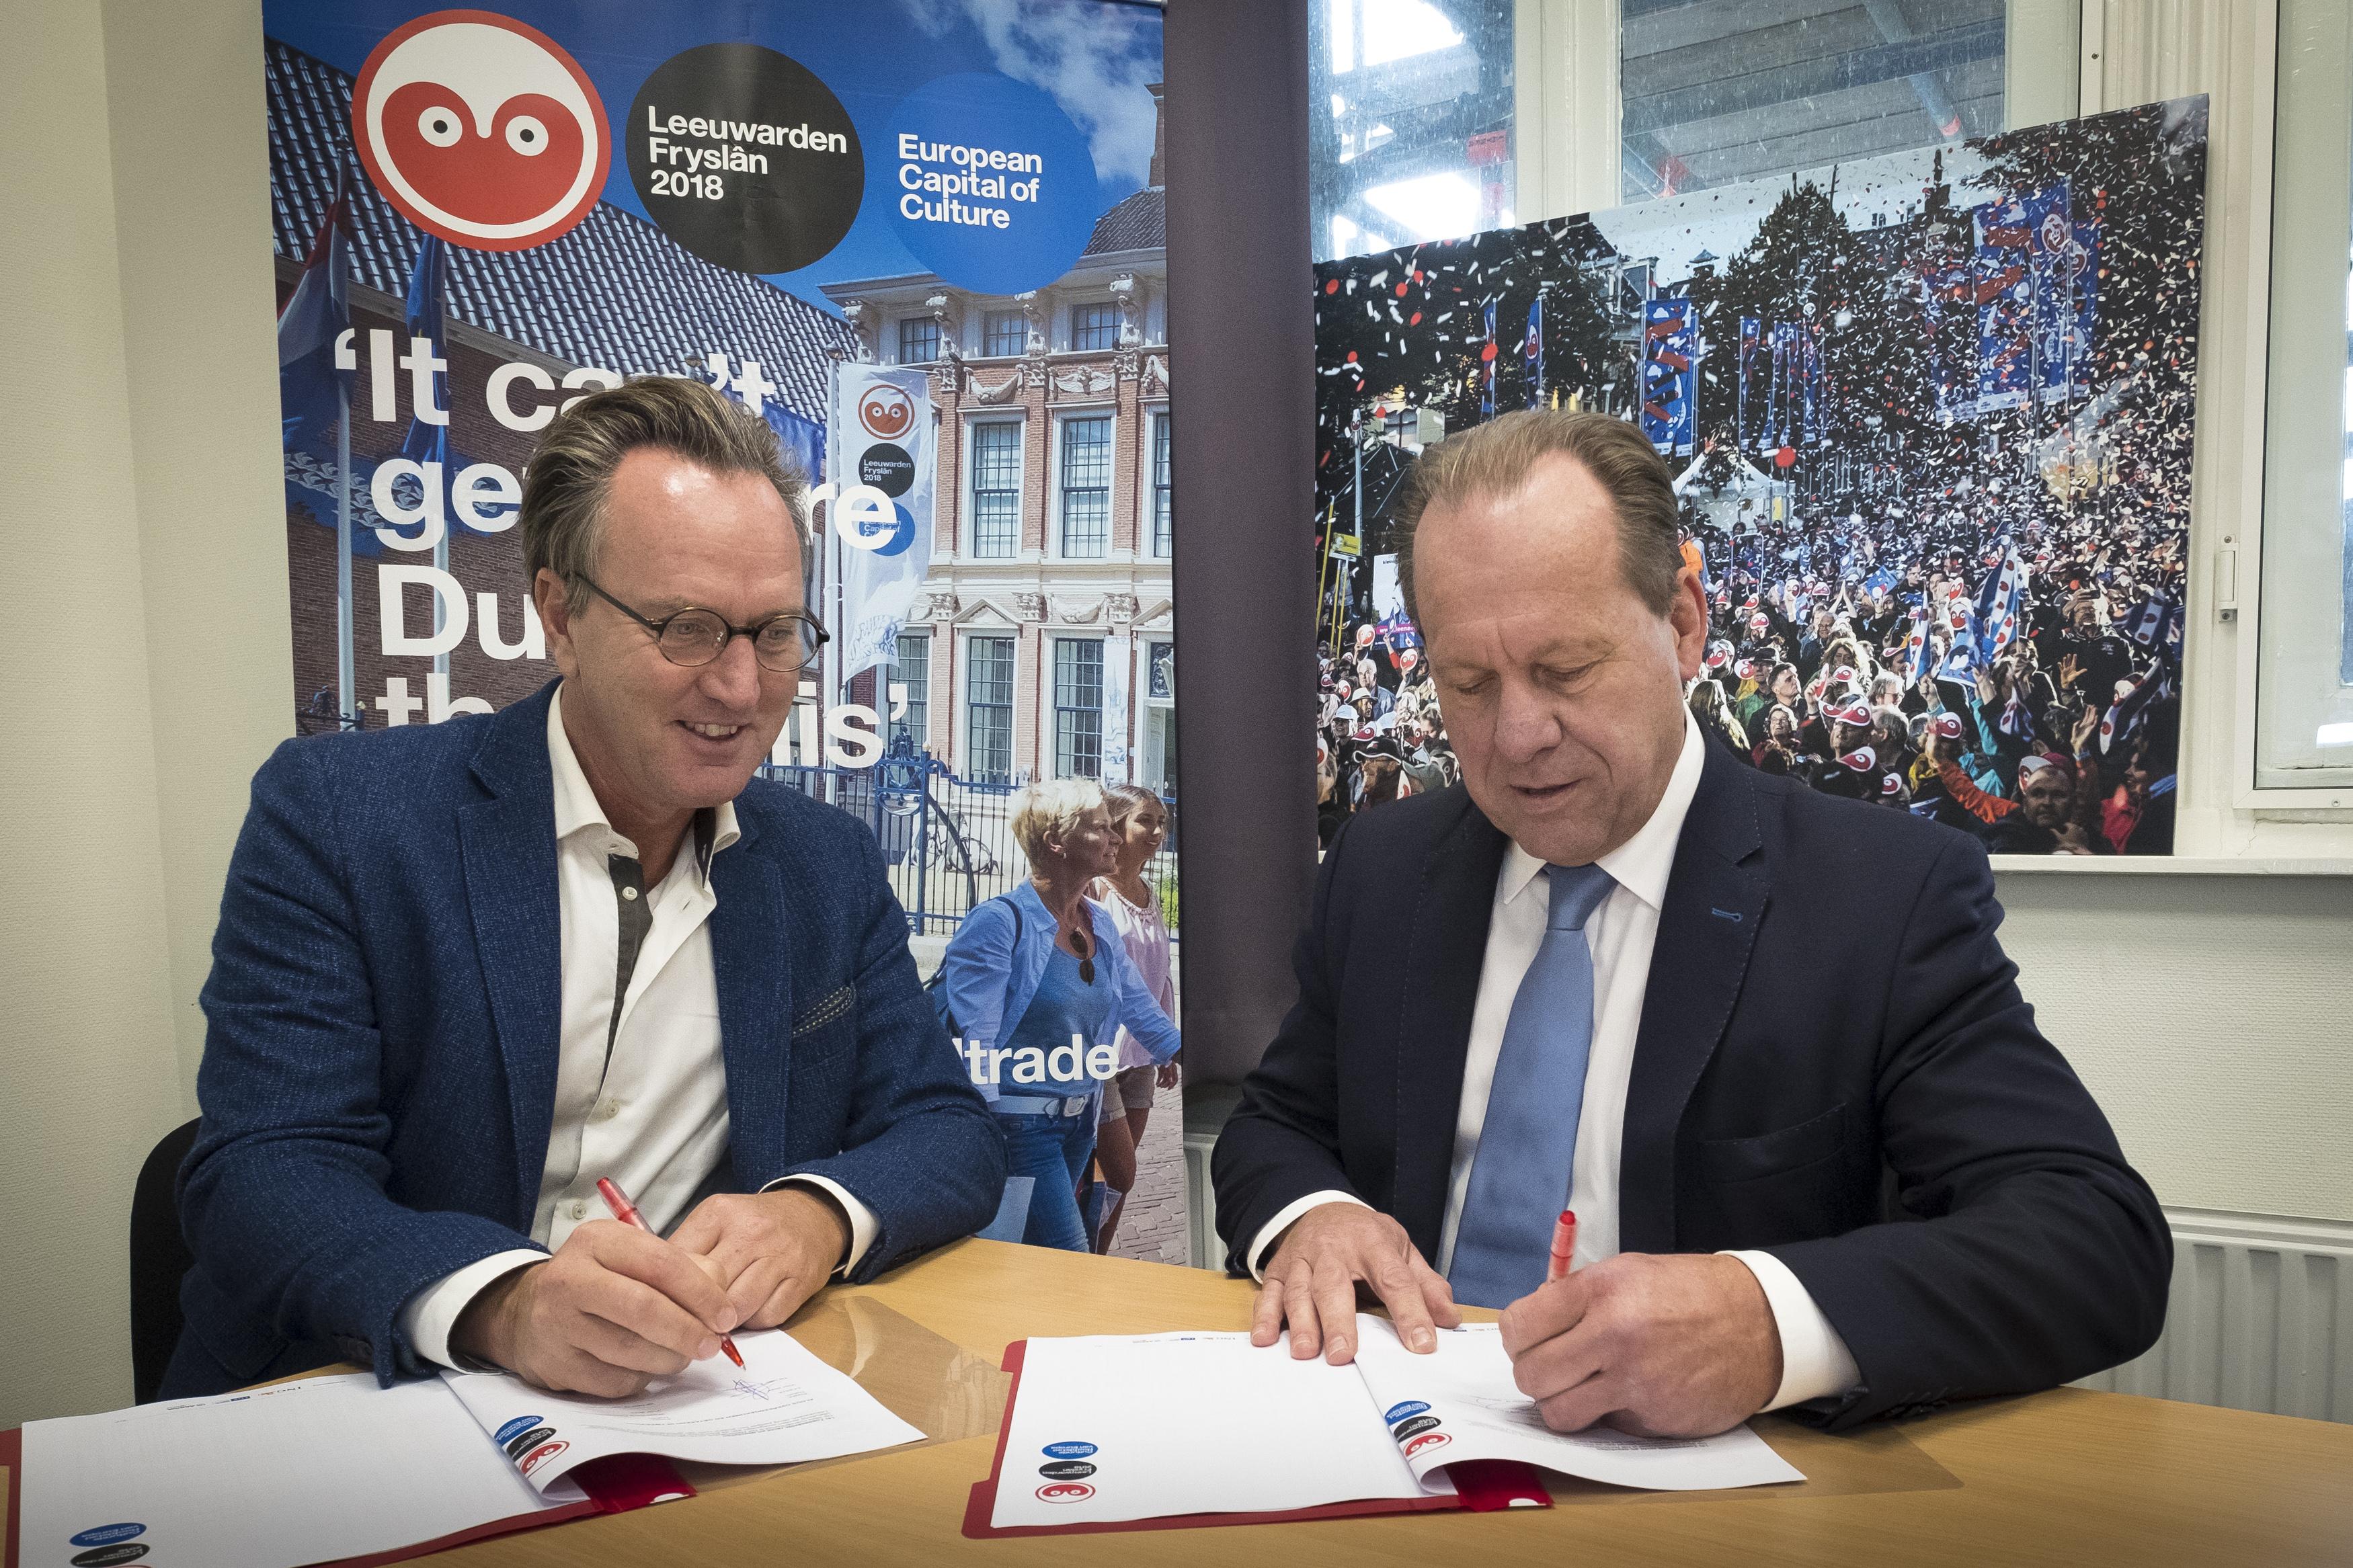 Wagenborg sponsor Leeuwarden-Fryslân 2018